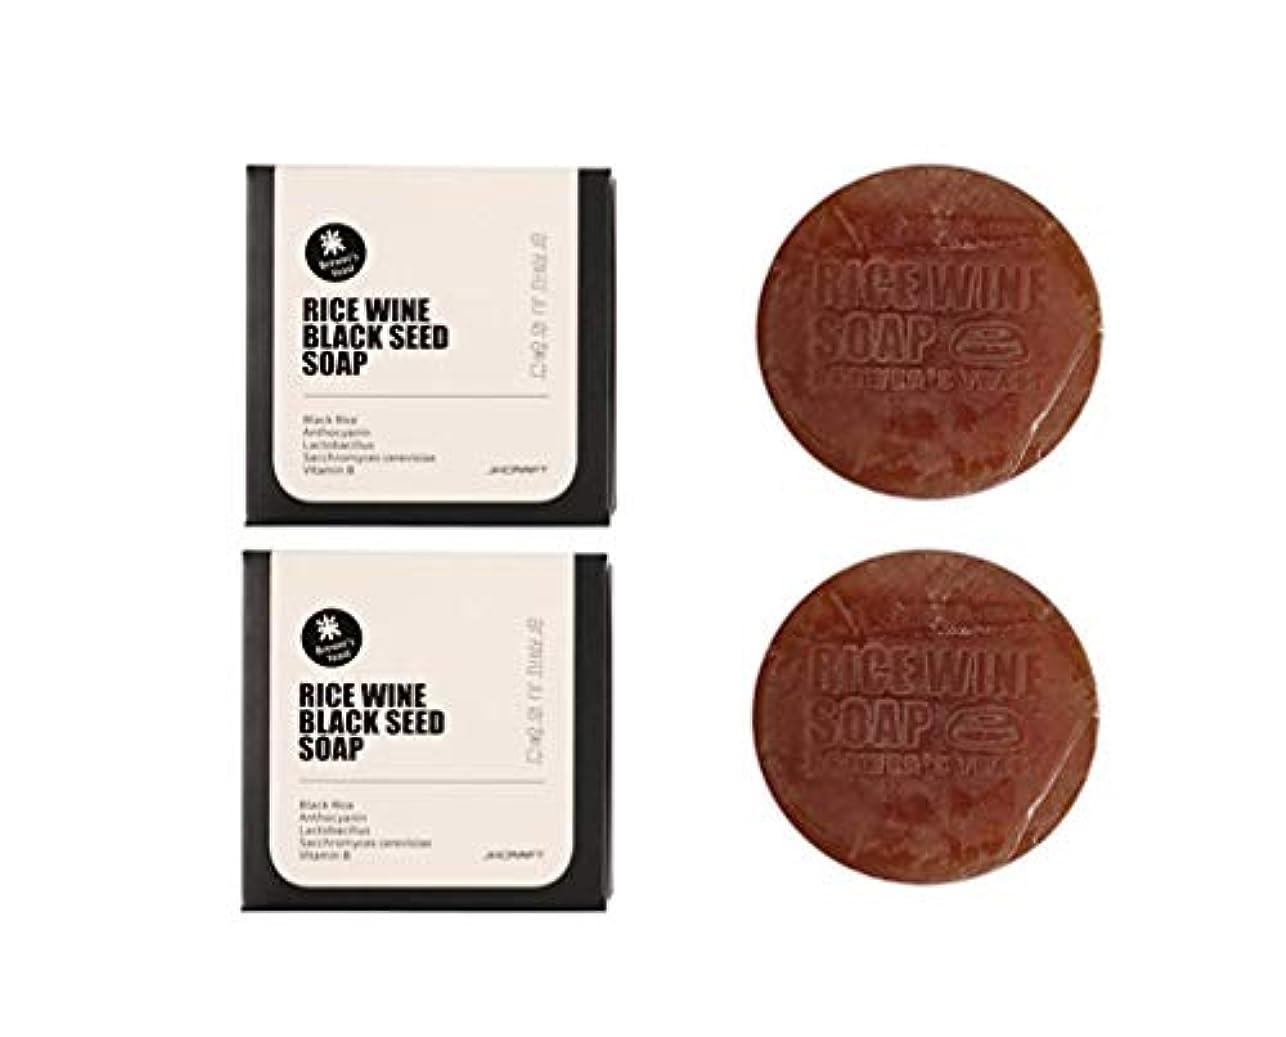 スコアシリアル主観的JKCRAFT RICEWINE BLACK SEED SOAP 黒米マッコリ酵母石鹸,無添加,無刺激,天然洗顔石鹸 2pcs [並行輸入品]